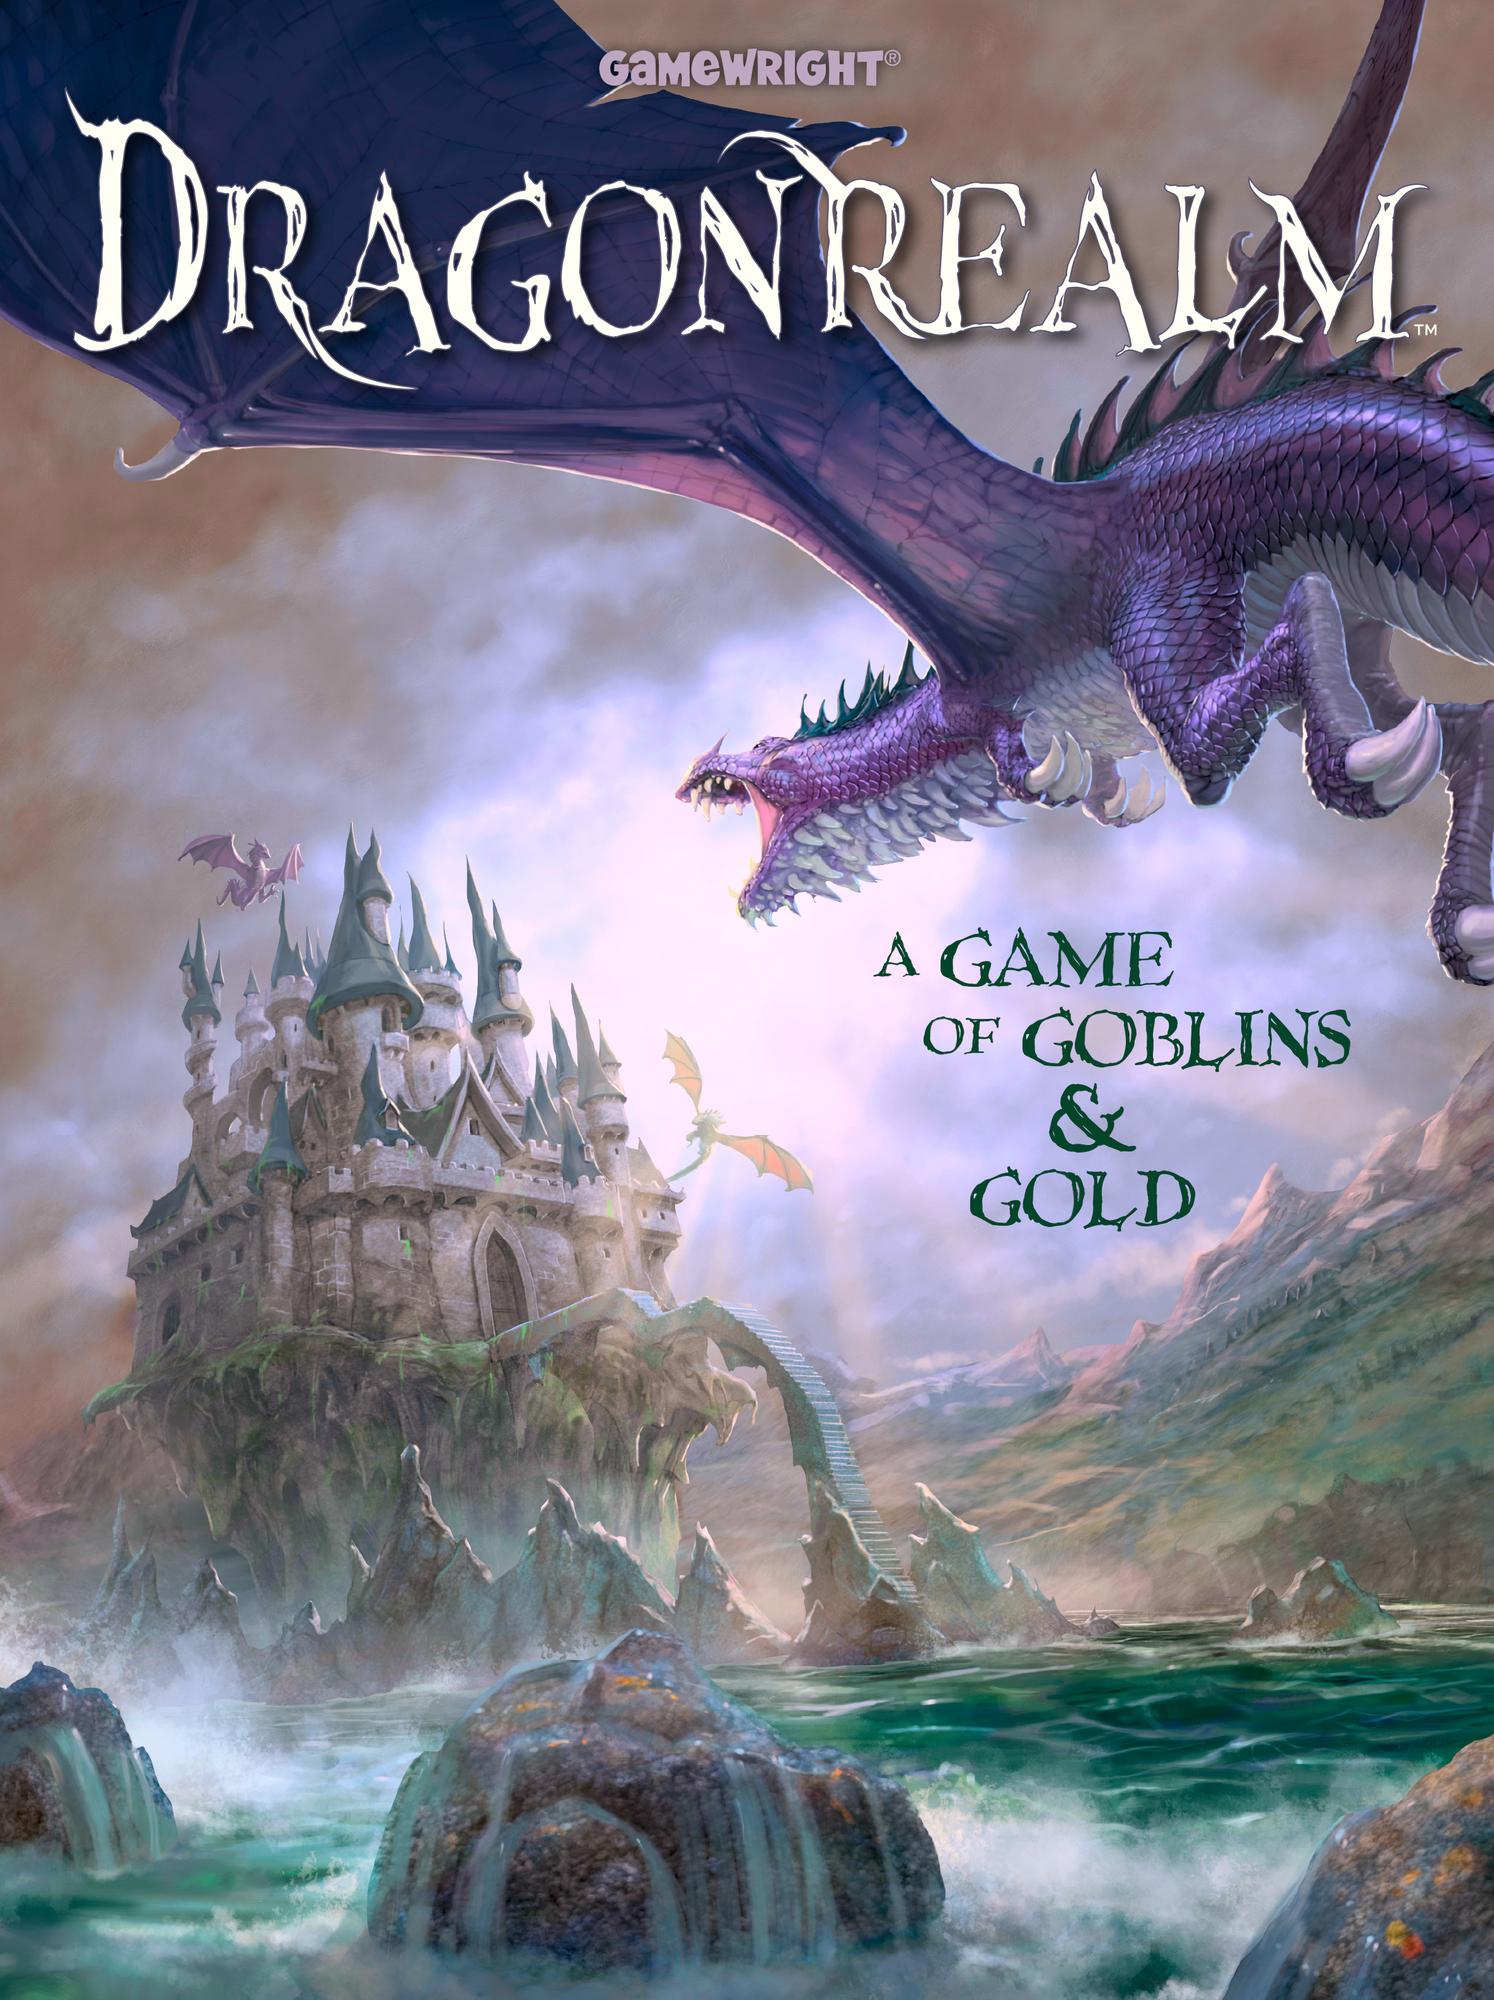 DragonrealmTM